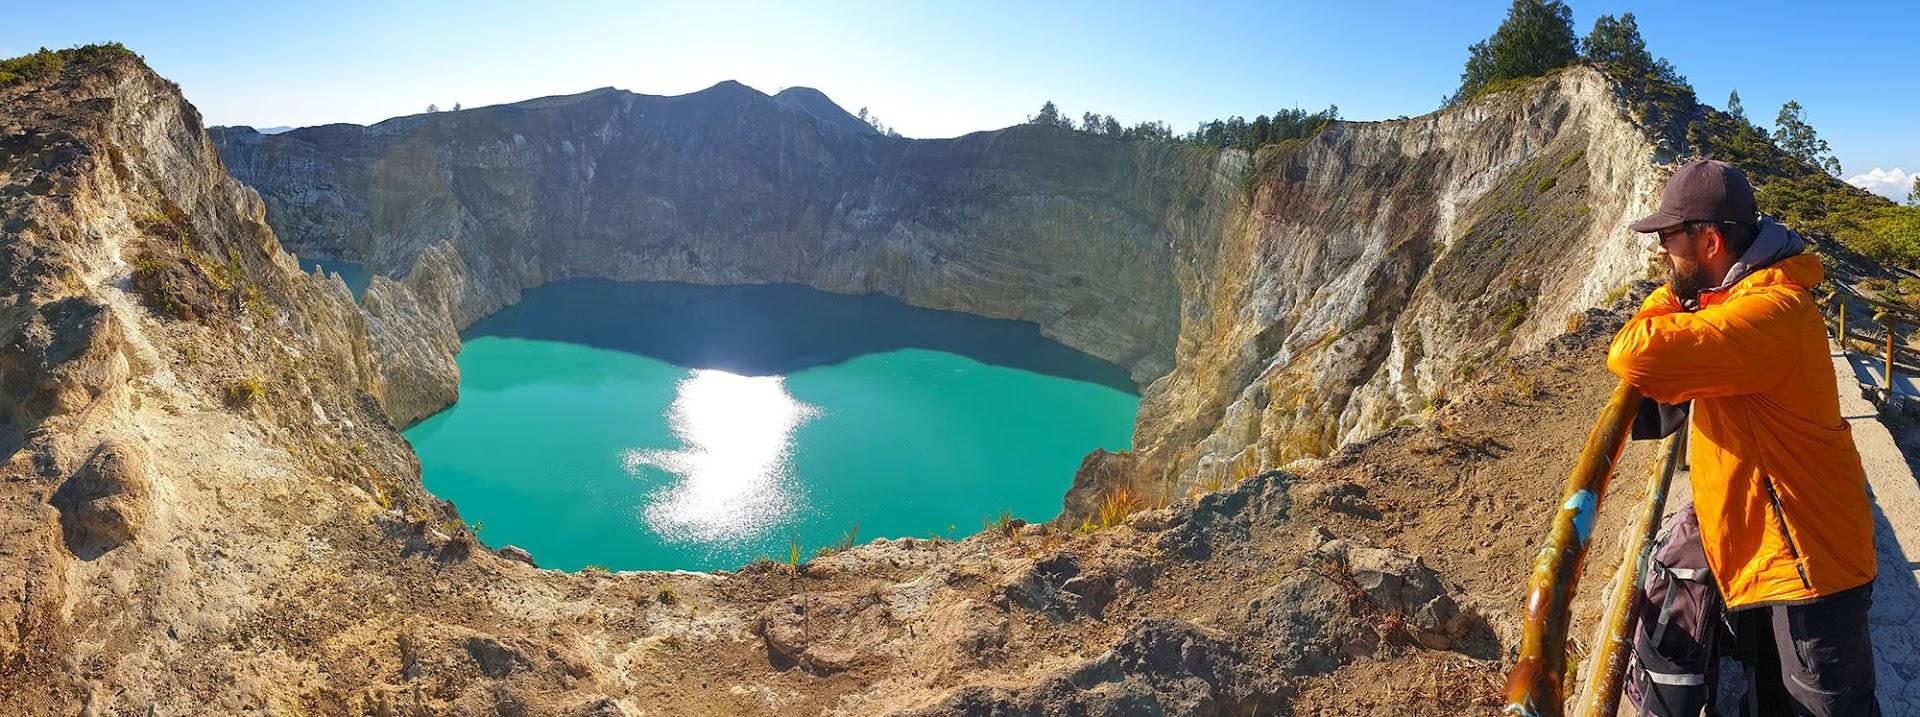 DIAS 72 e 73 - Deslumbrados com os lagos do Vulcão Kelimutu, na ilha das Flores